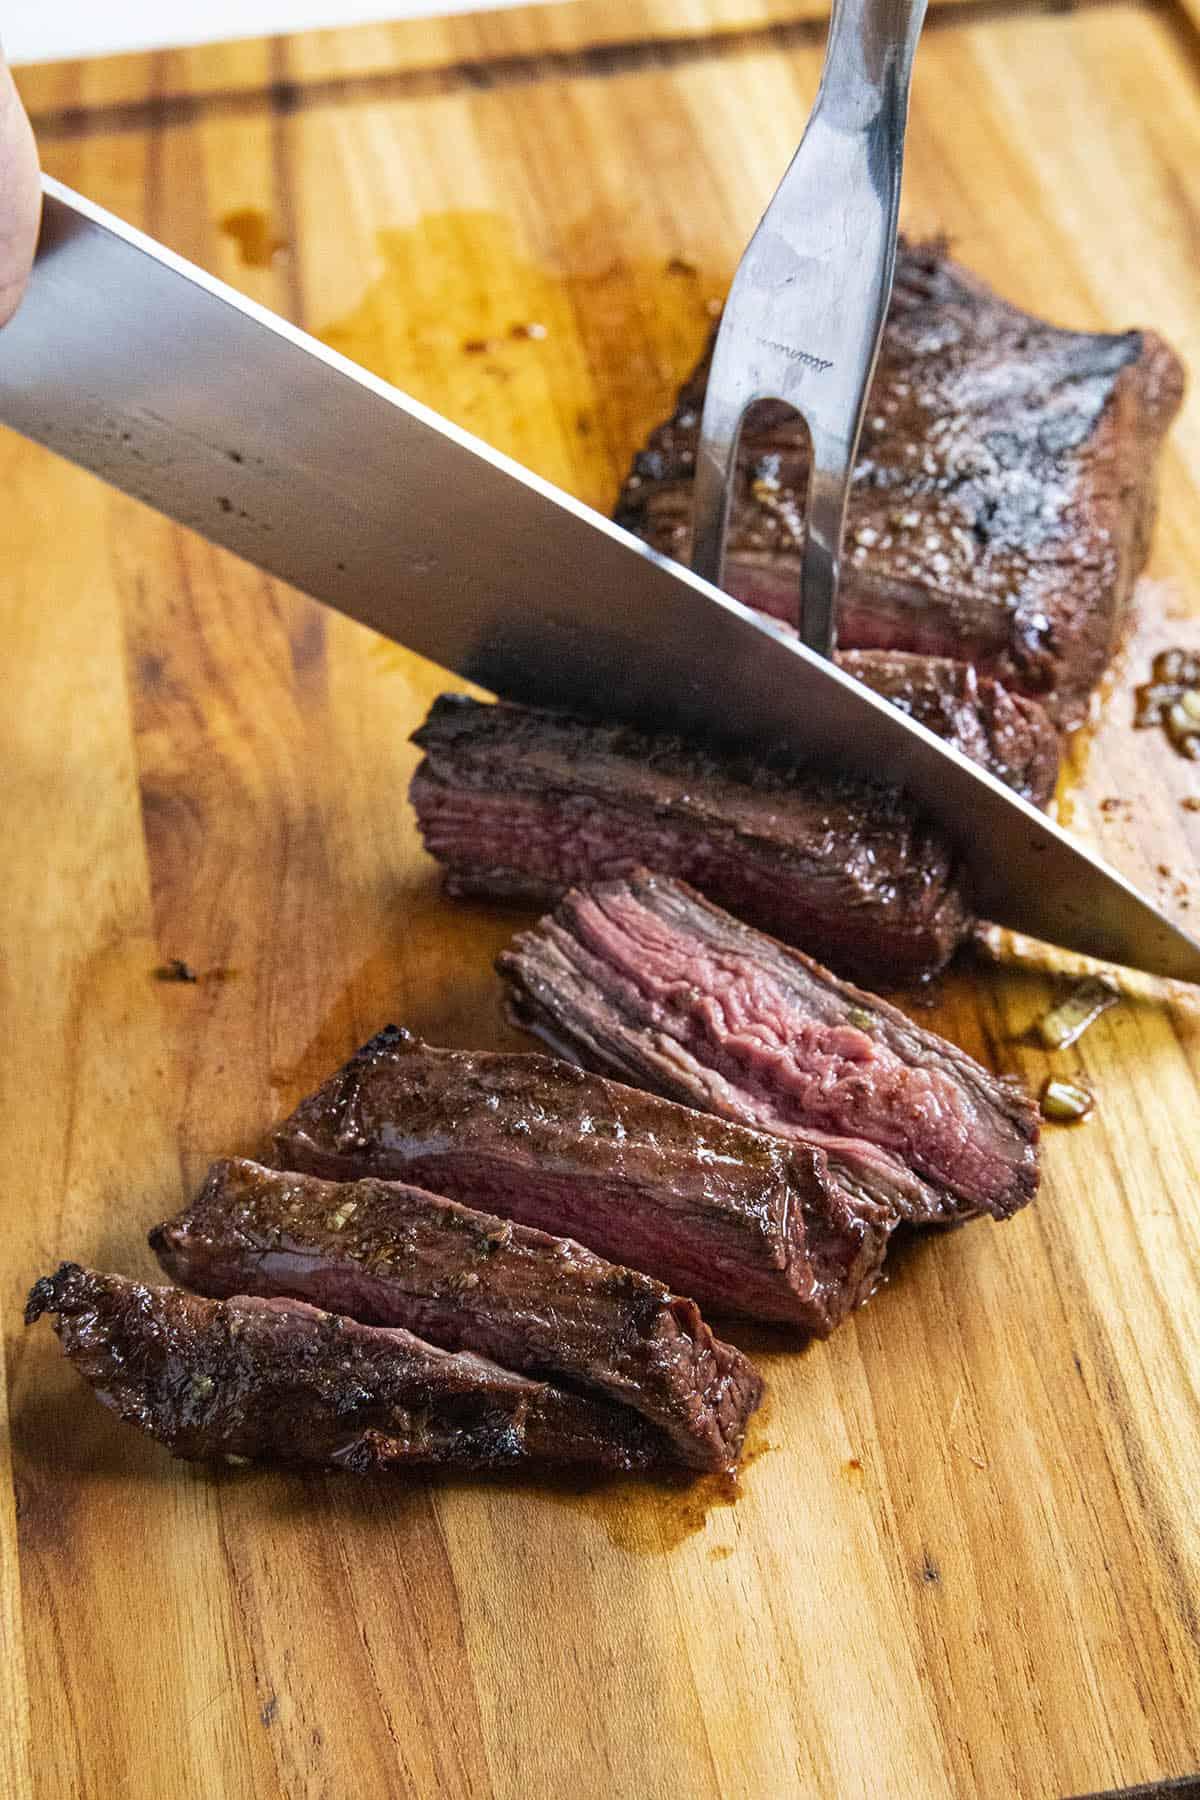 Slicing flank steak for grilled steak tacos